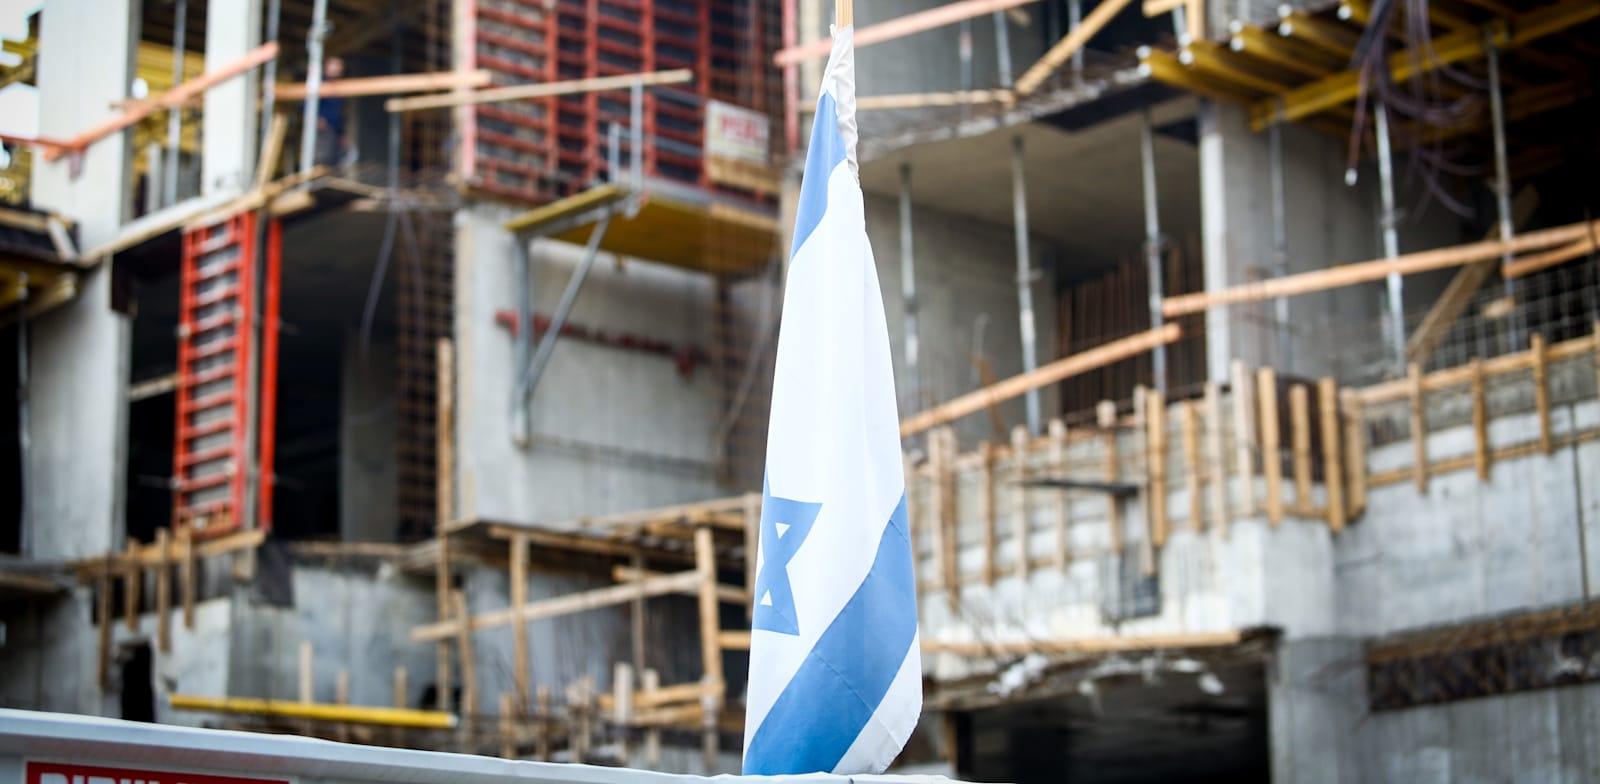 פועלים - פיגומים / צילום: שלומי יוסף